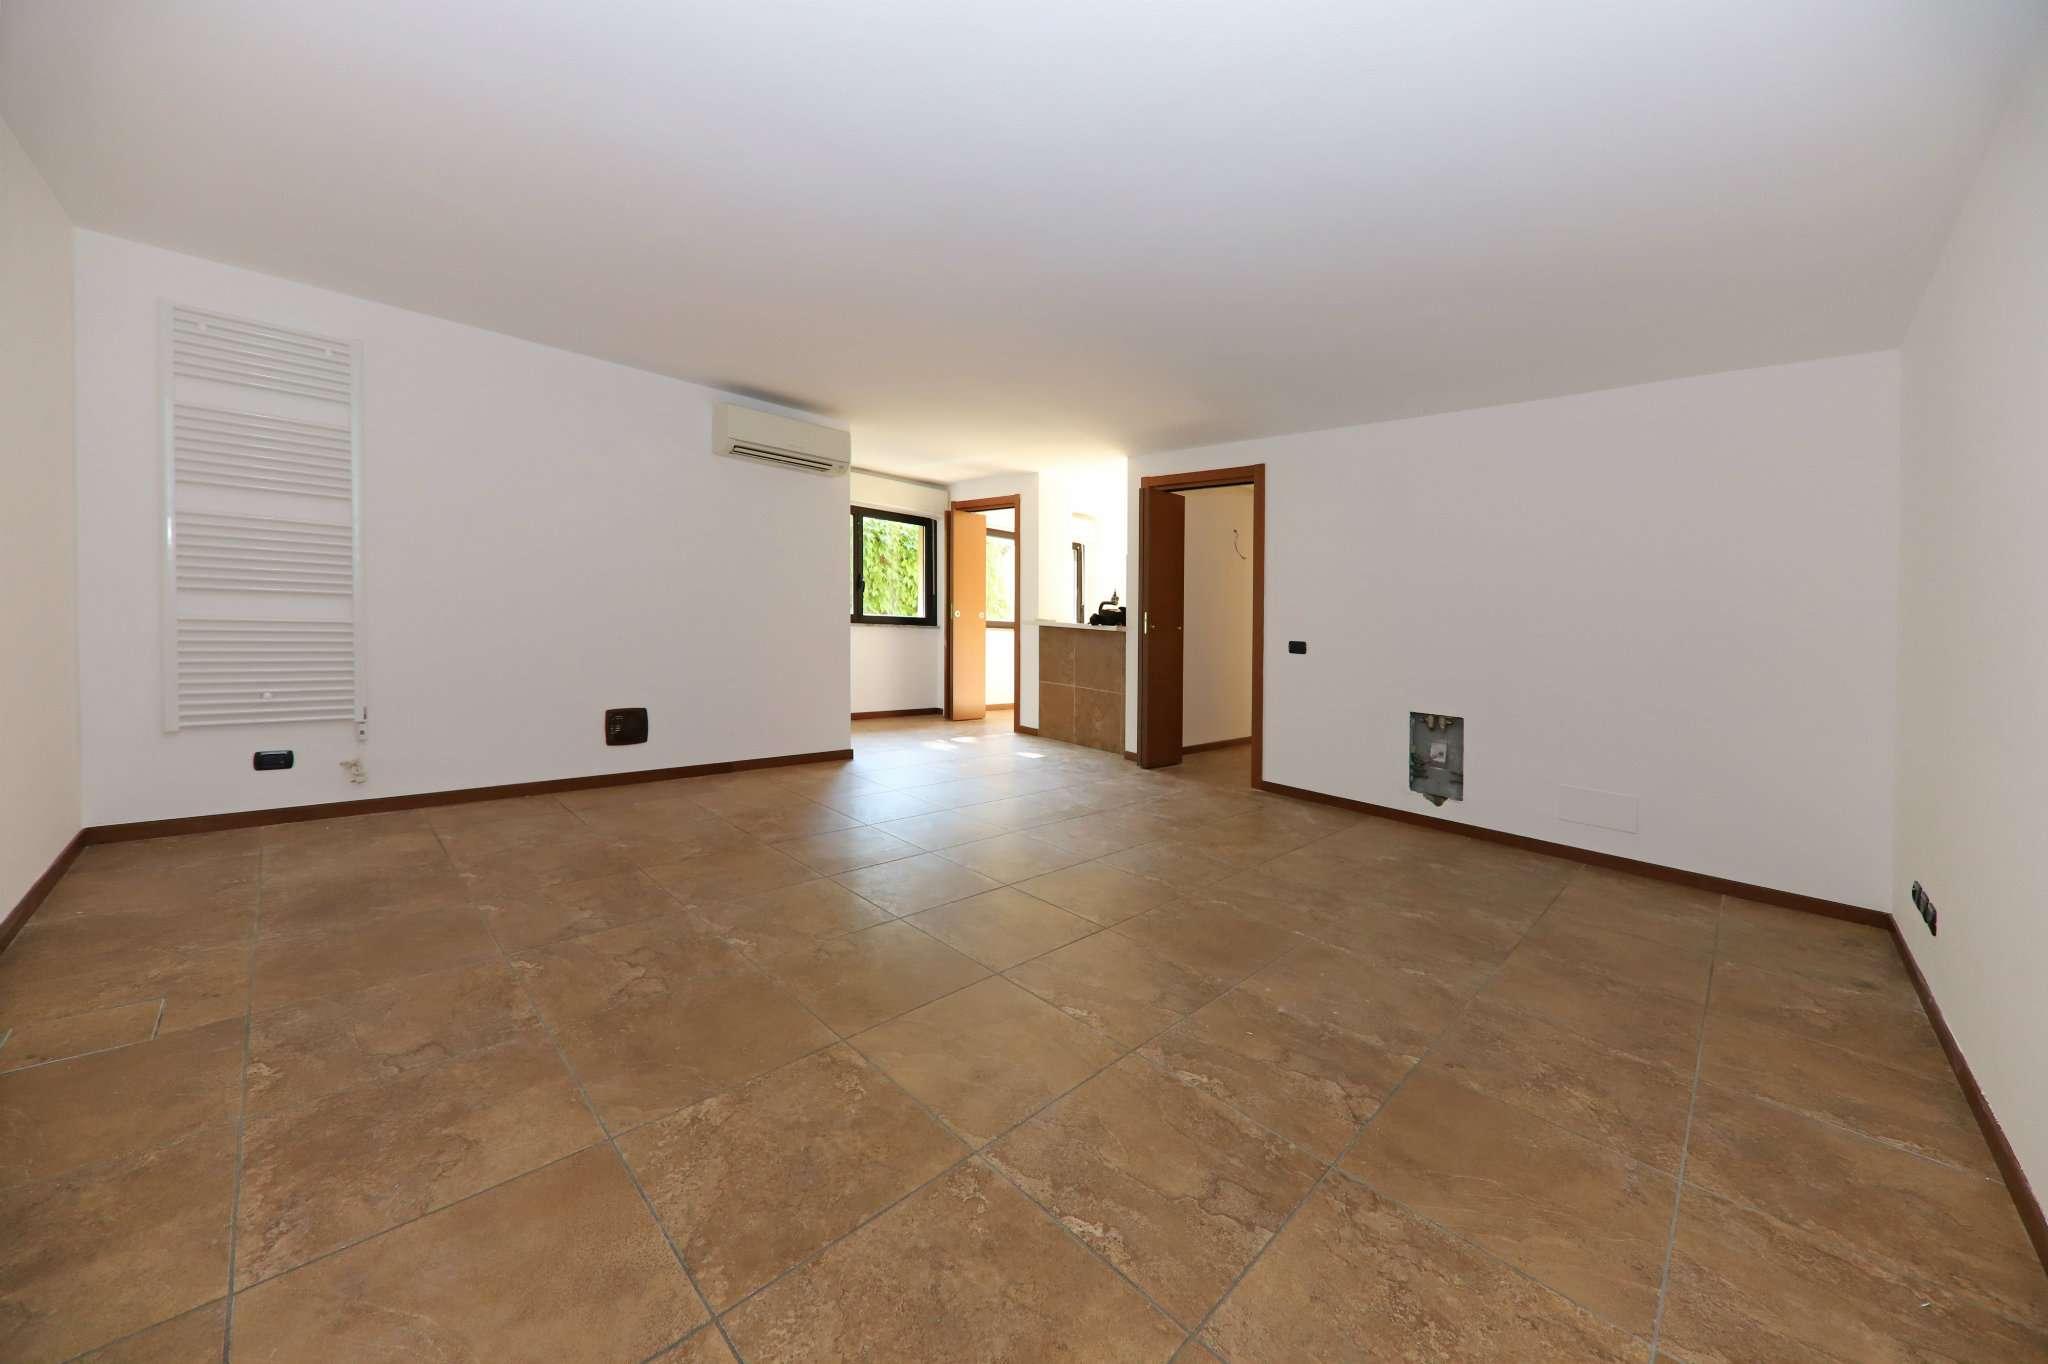 Appartamento in affitto a Bovisio Masciago, 2 locali, prezzo € 480 | PortaleAgenzieImmobiliari.it